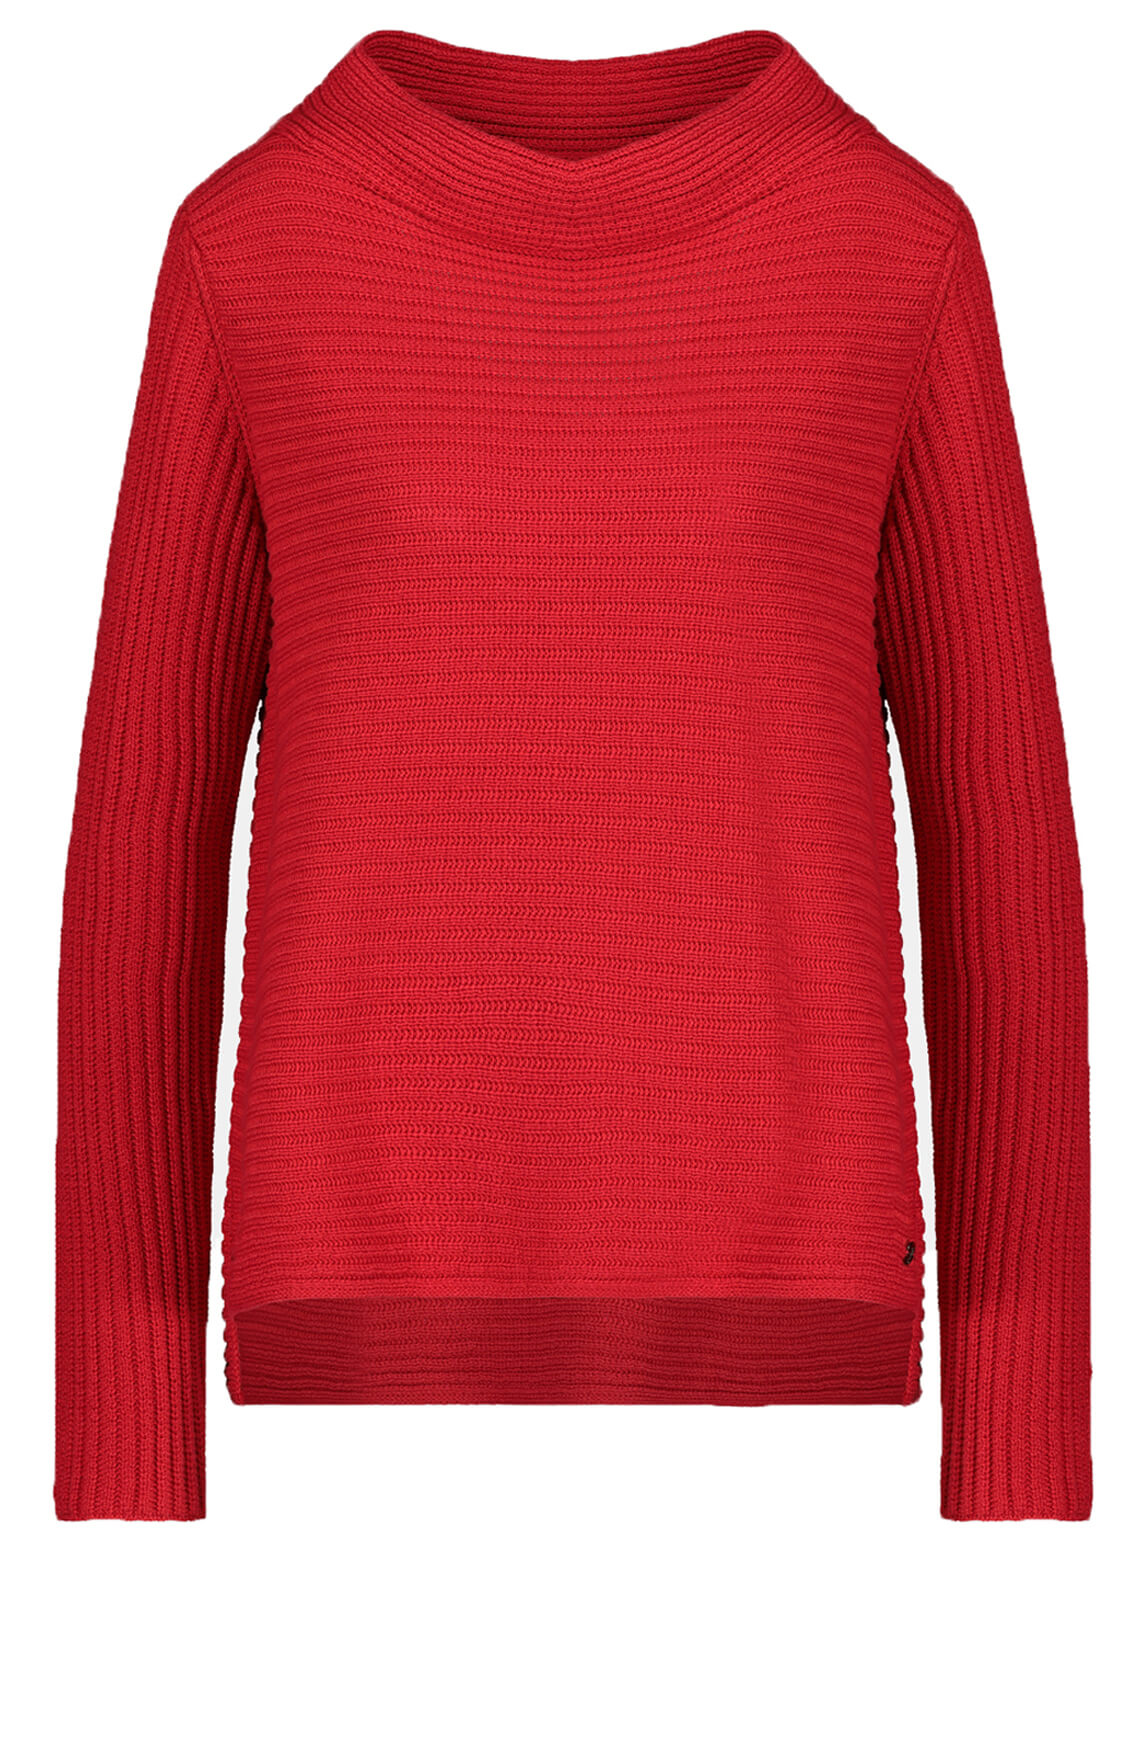 Monari Dames Ribgebreide pullover Rood